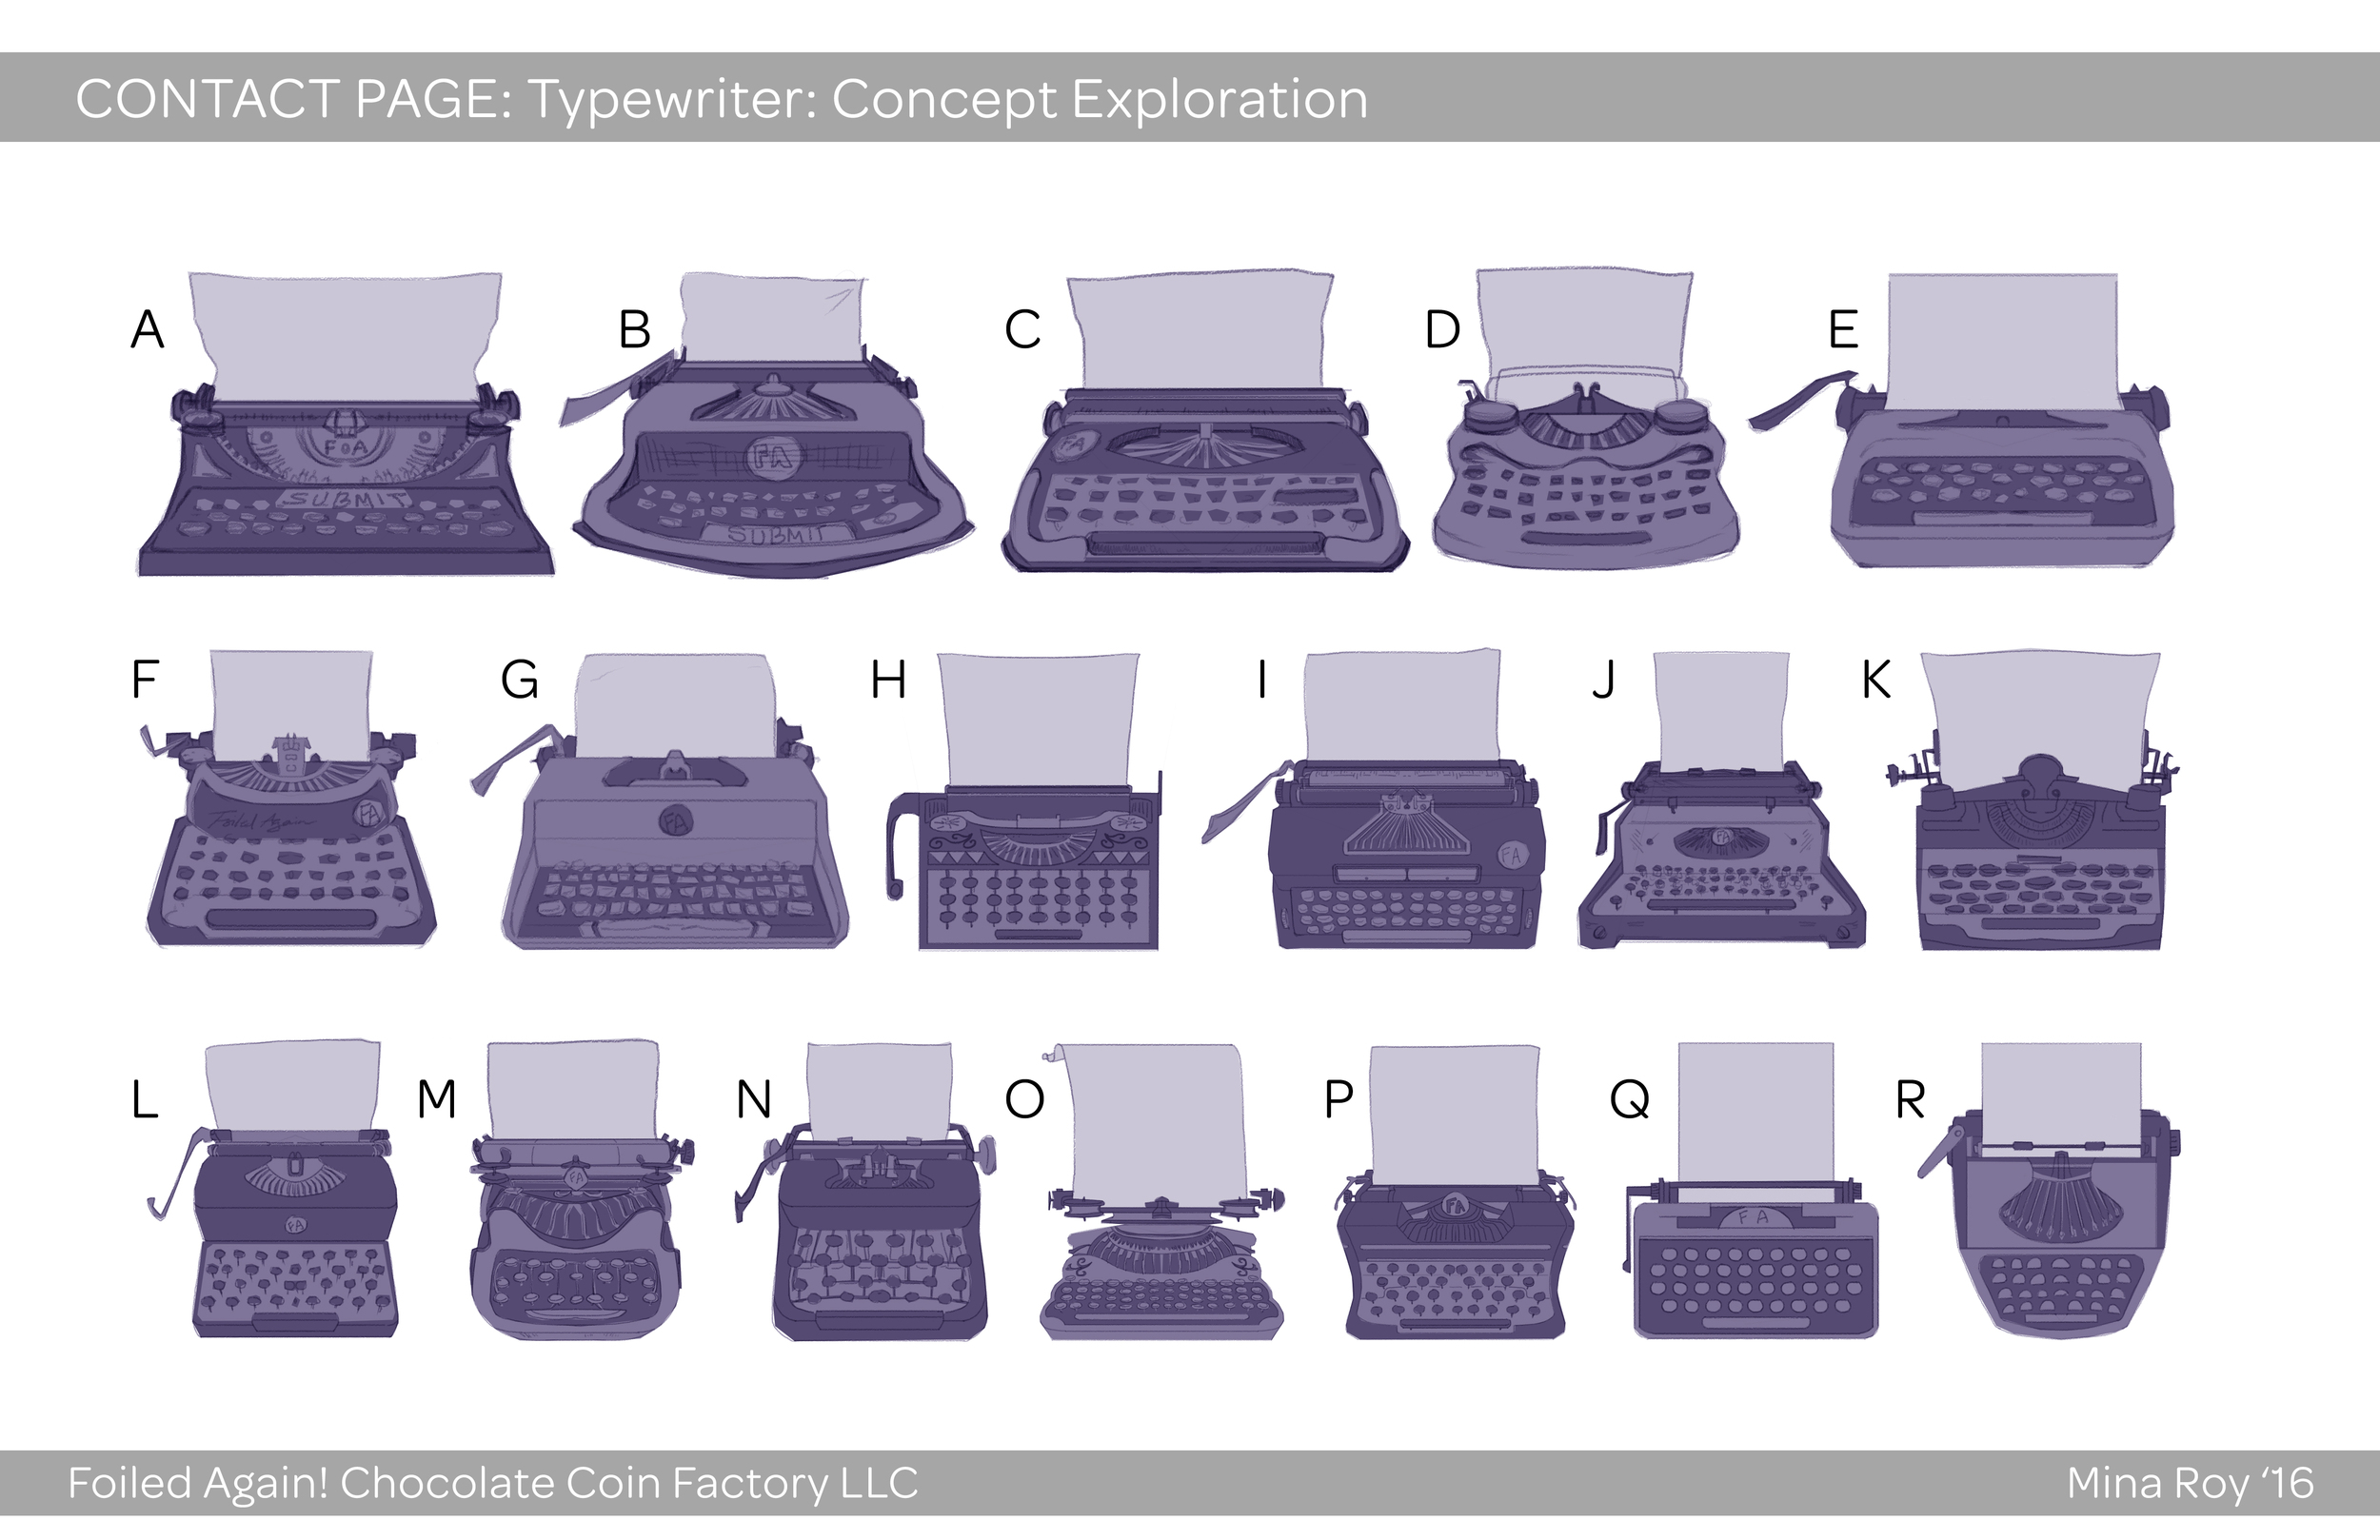 website-conceptdesign-typewriter-stage1.jpg